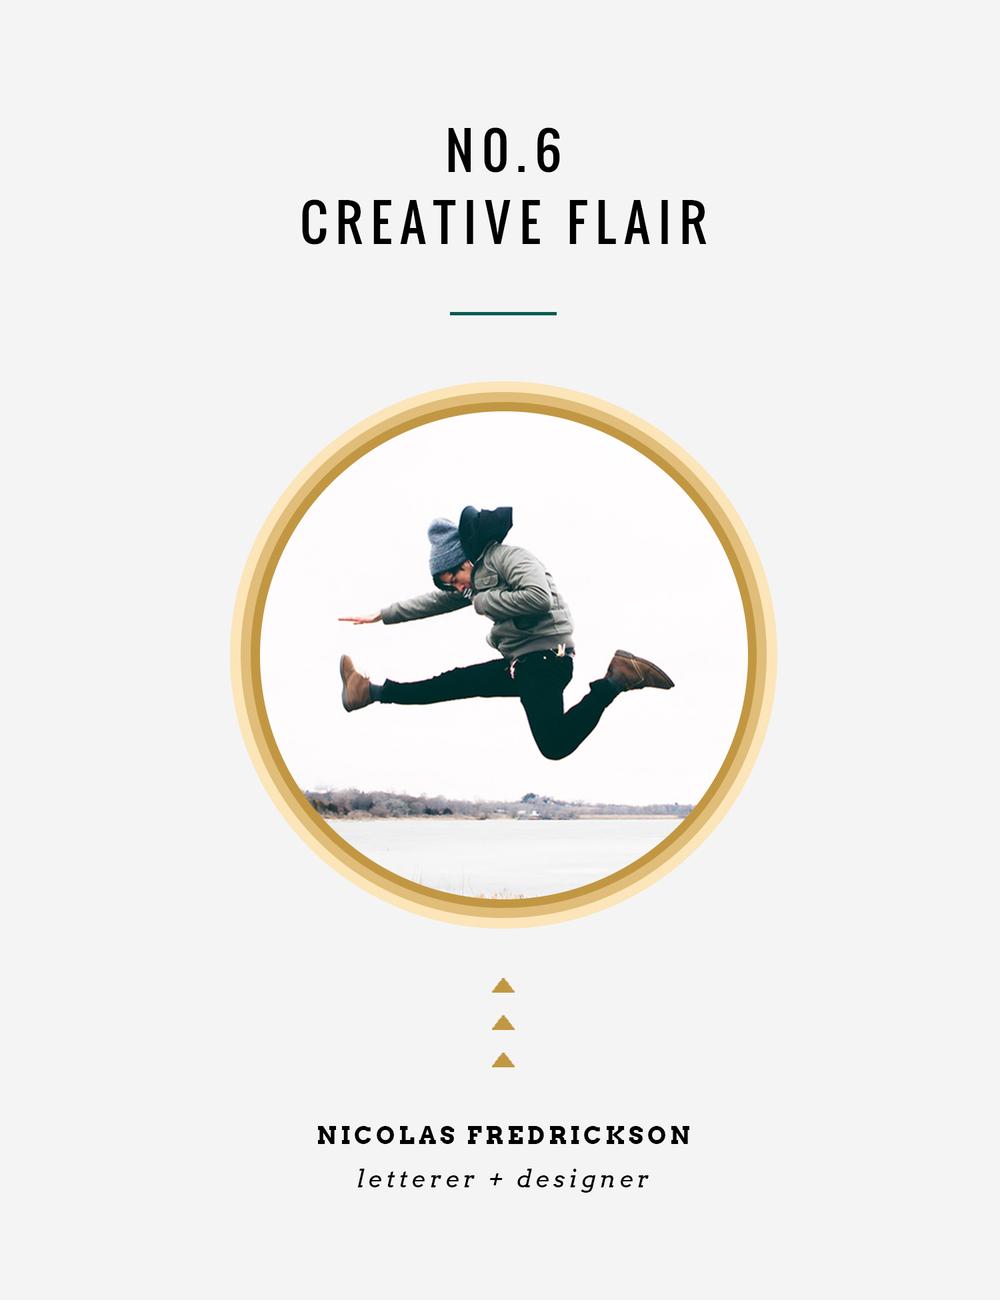 creativeflair_nicolasfredrickson